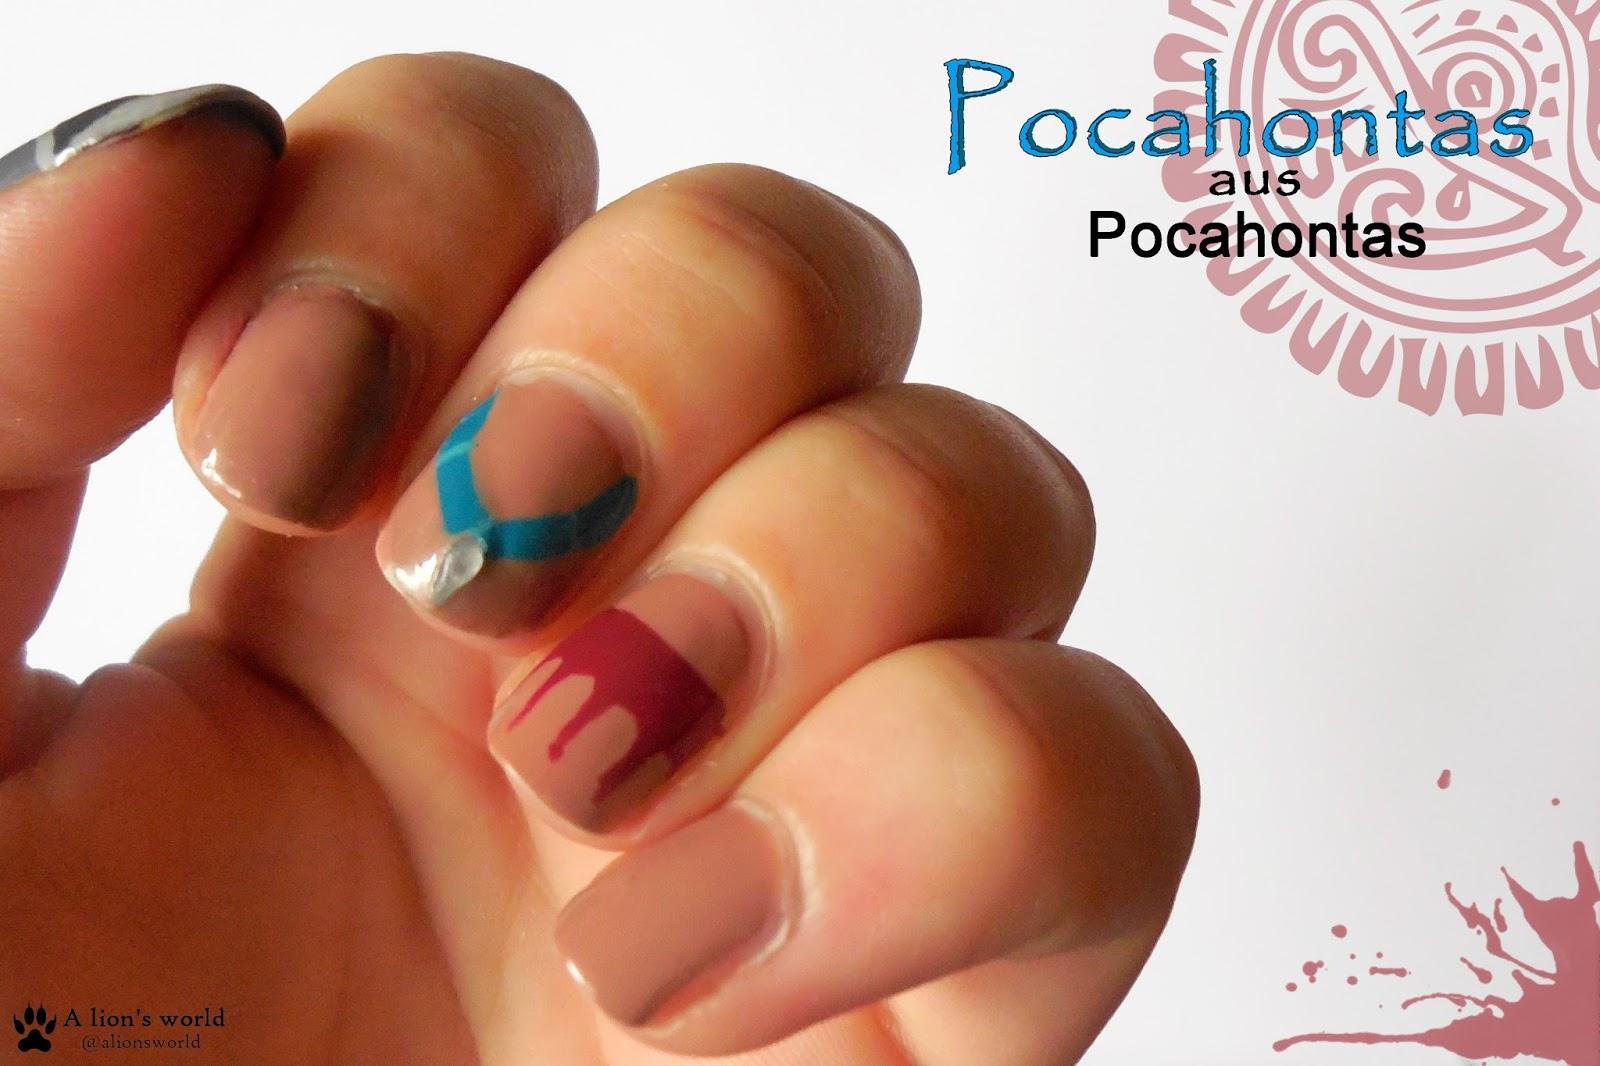 Blogparade] Disney Princess Blogger Aktion - Pocahontas - alionsworld